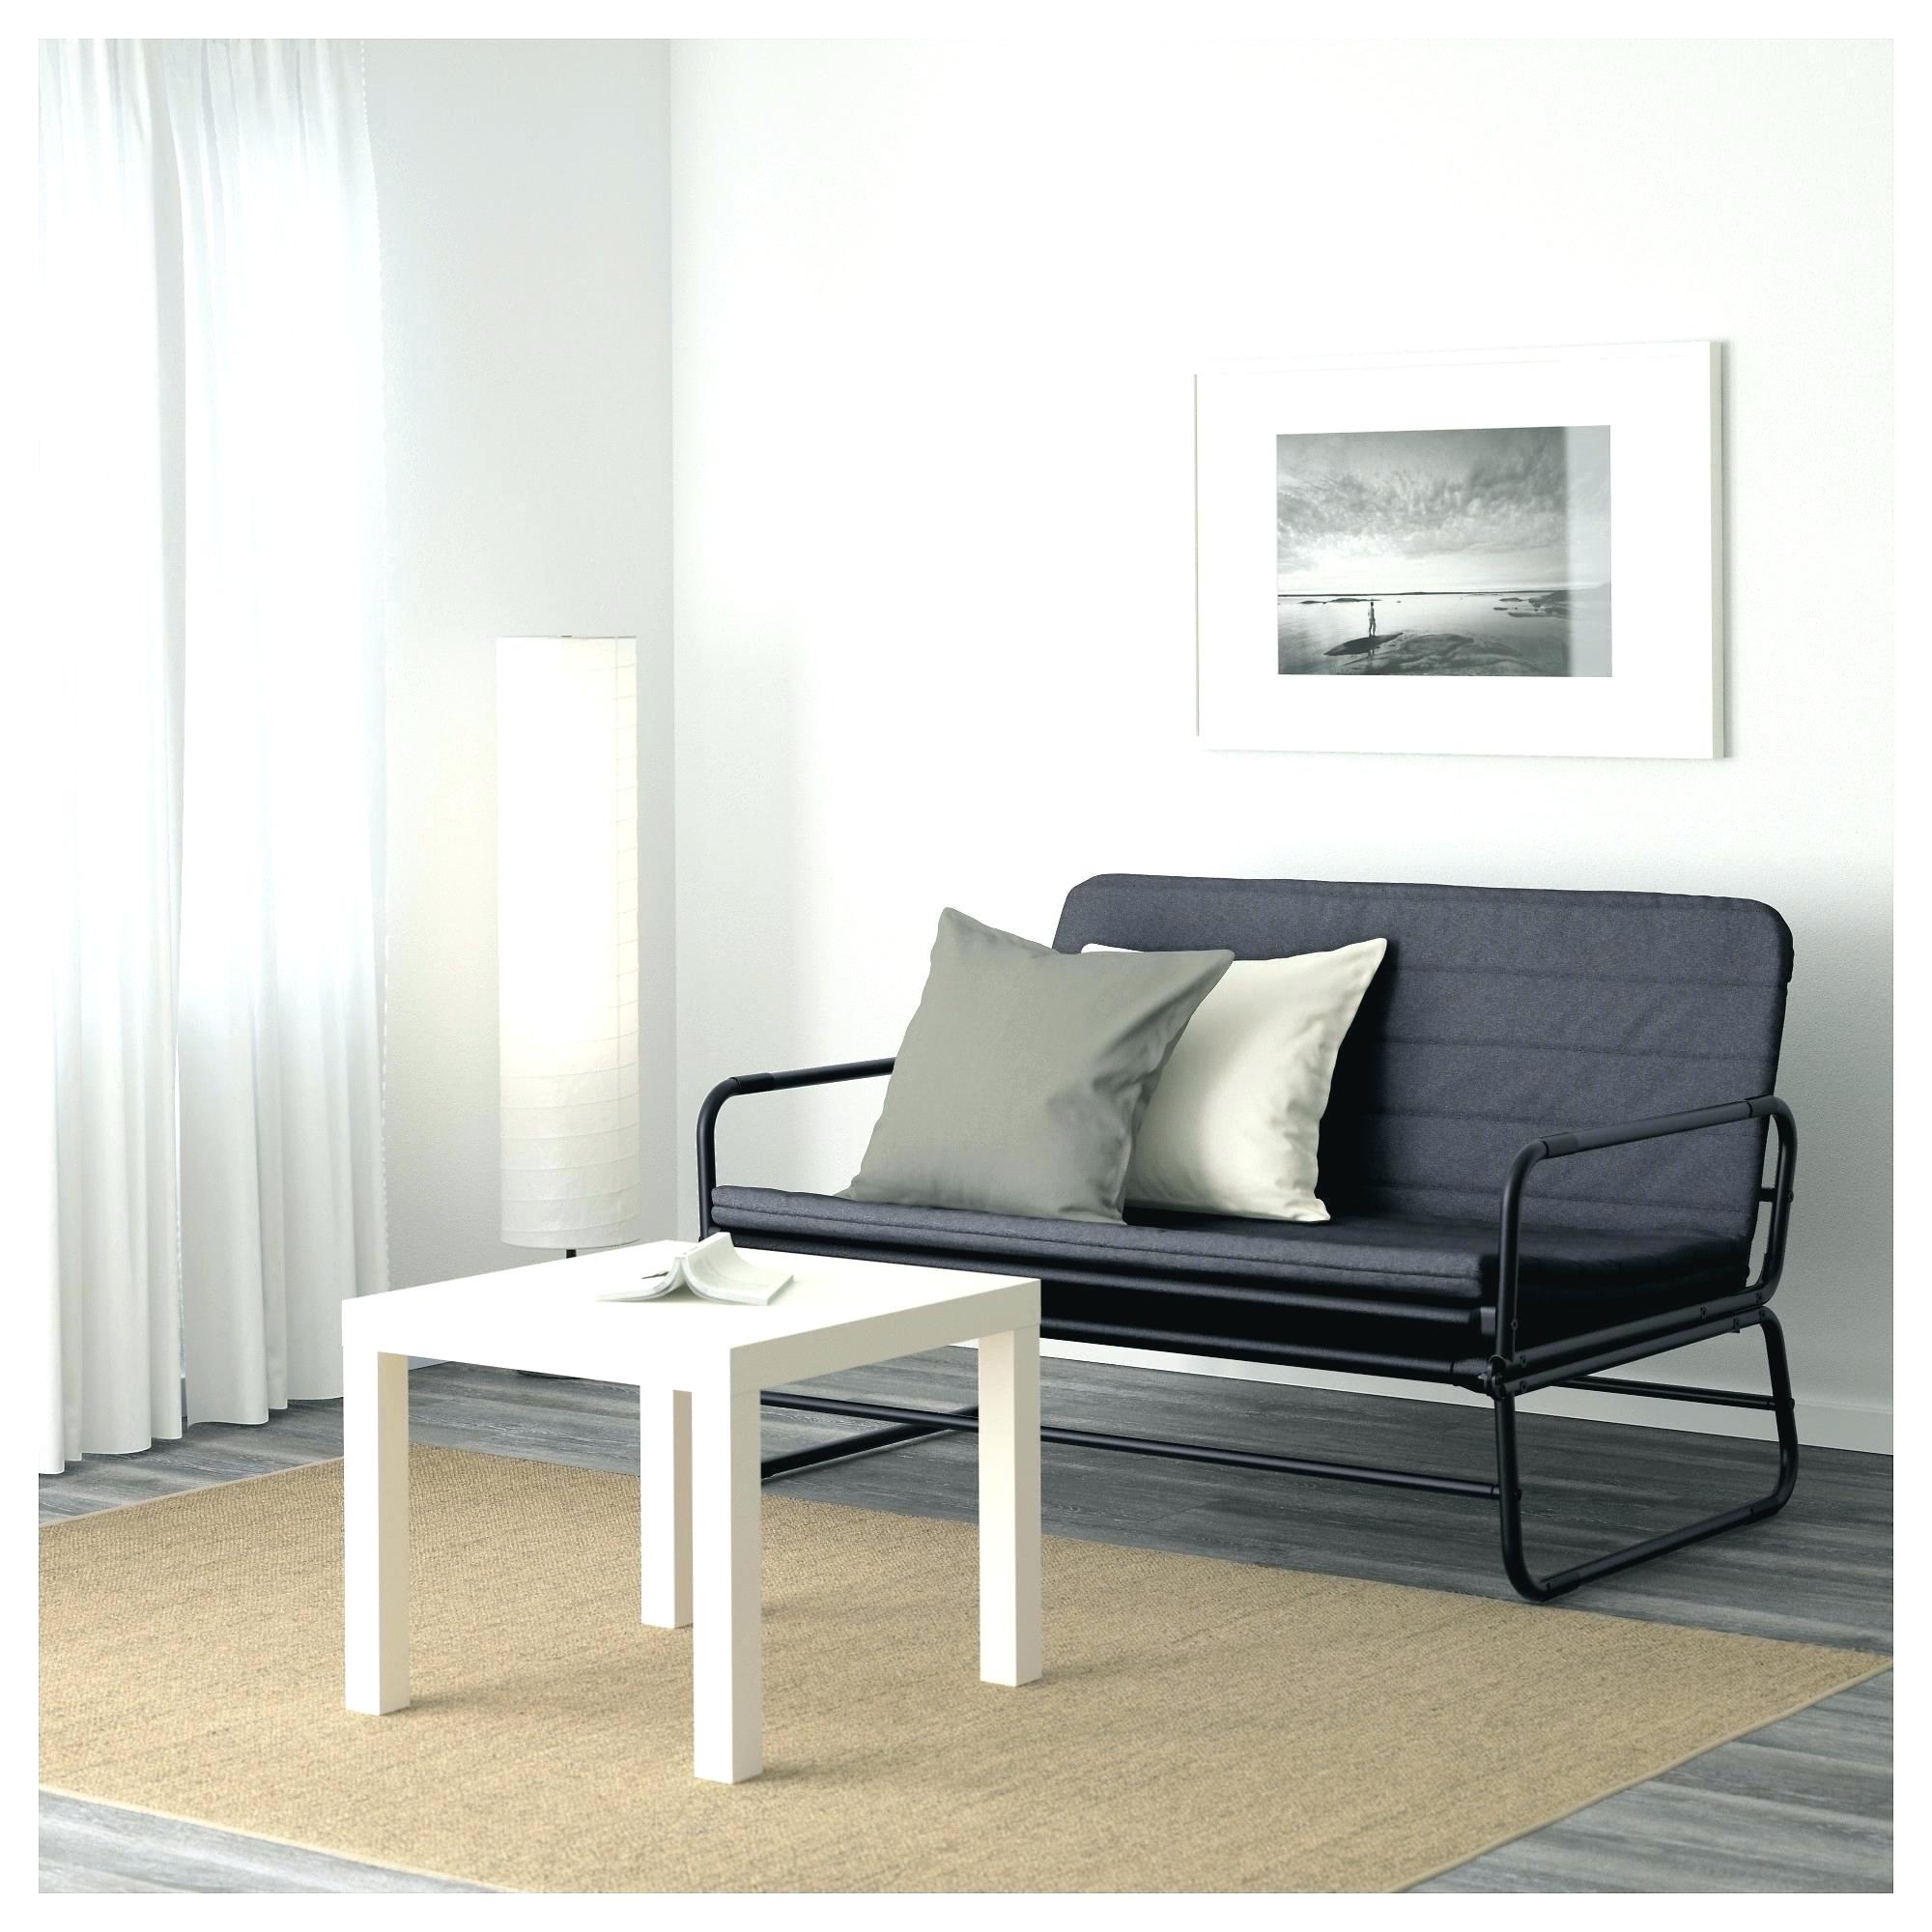 Housse De Canapé Clic Clac Ikea Frais Image Housse Beddinge Ikea Ikea with Housse Beddinge Ikea Best